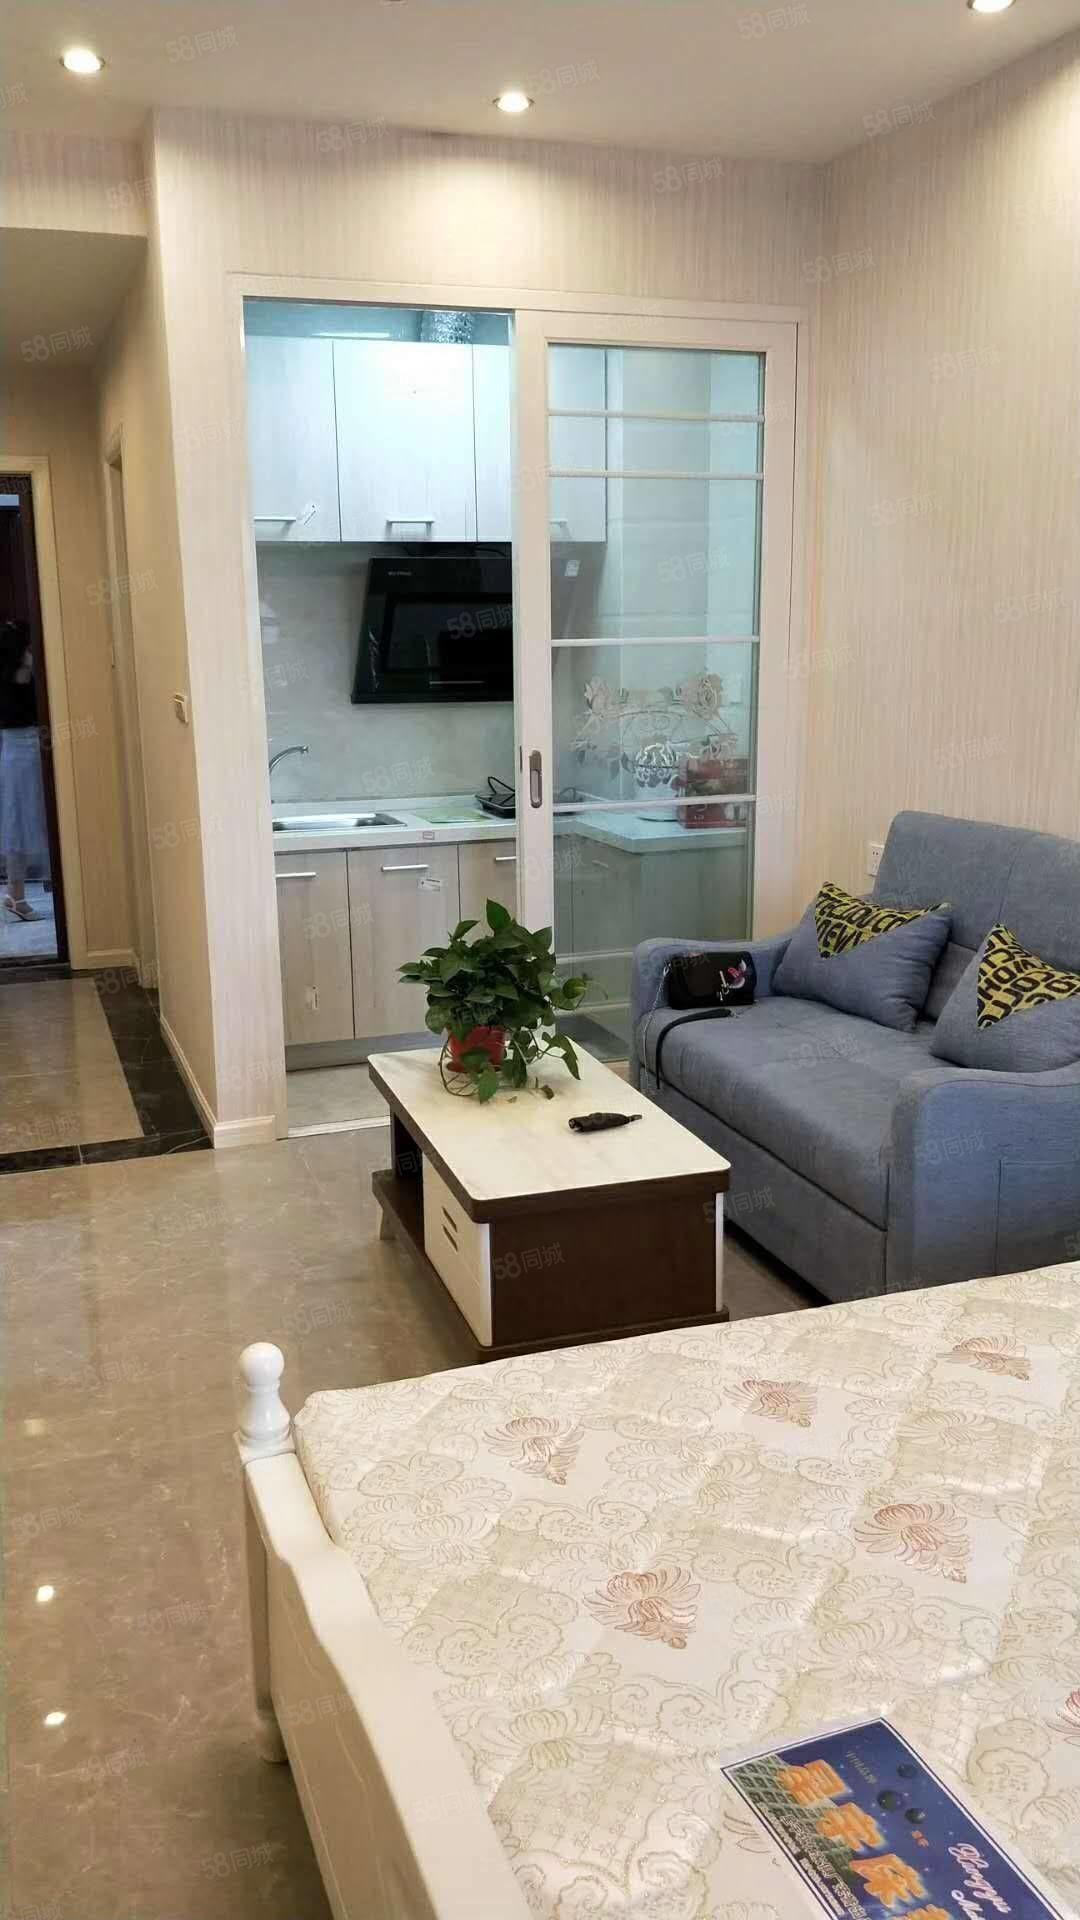 盛世國際短租短租公寓,精裝拎包入住,隨時看房入住!